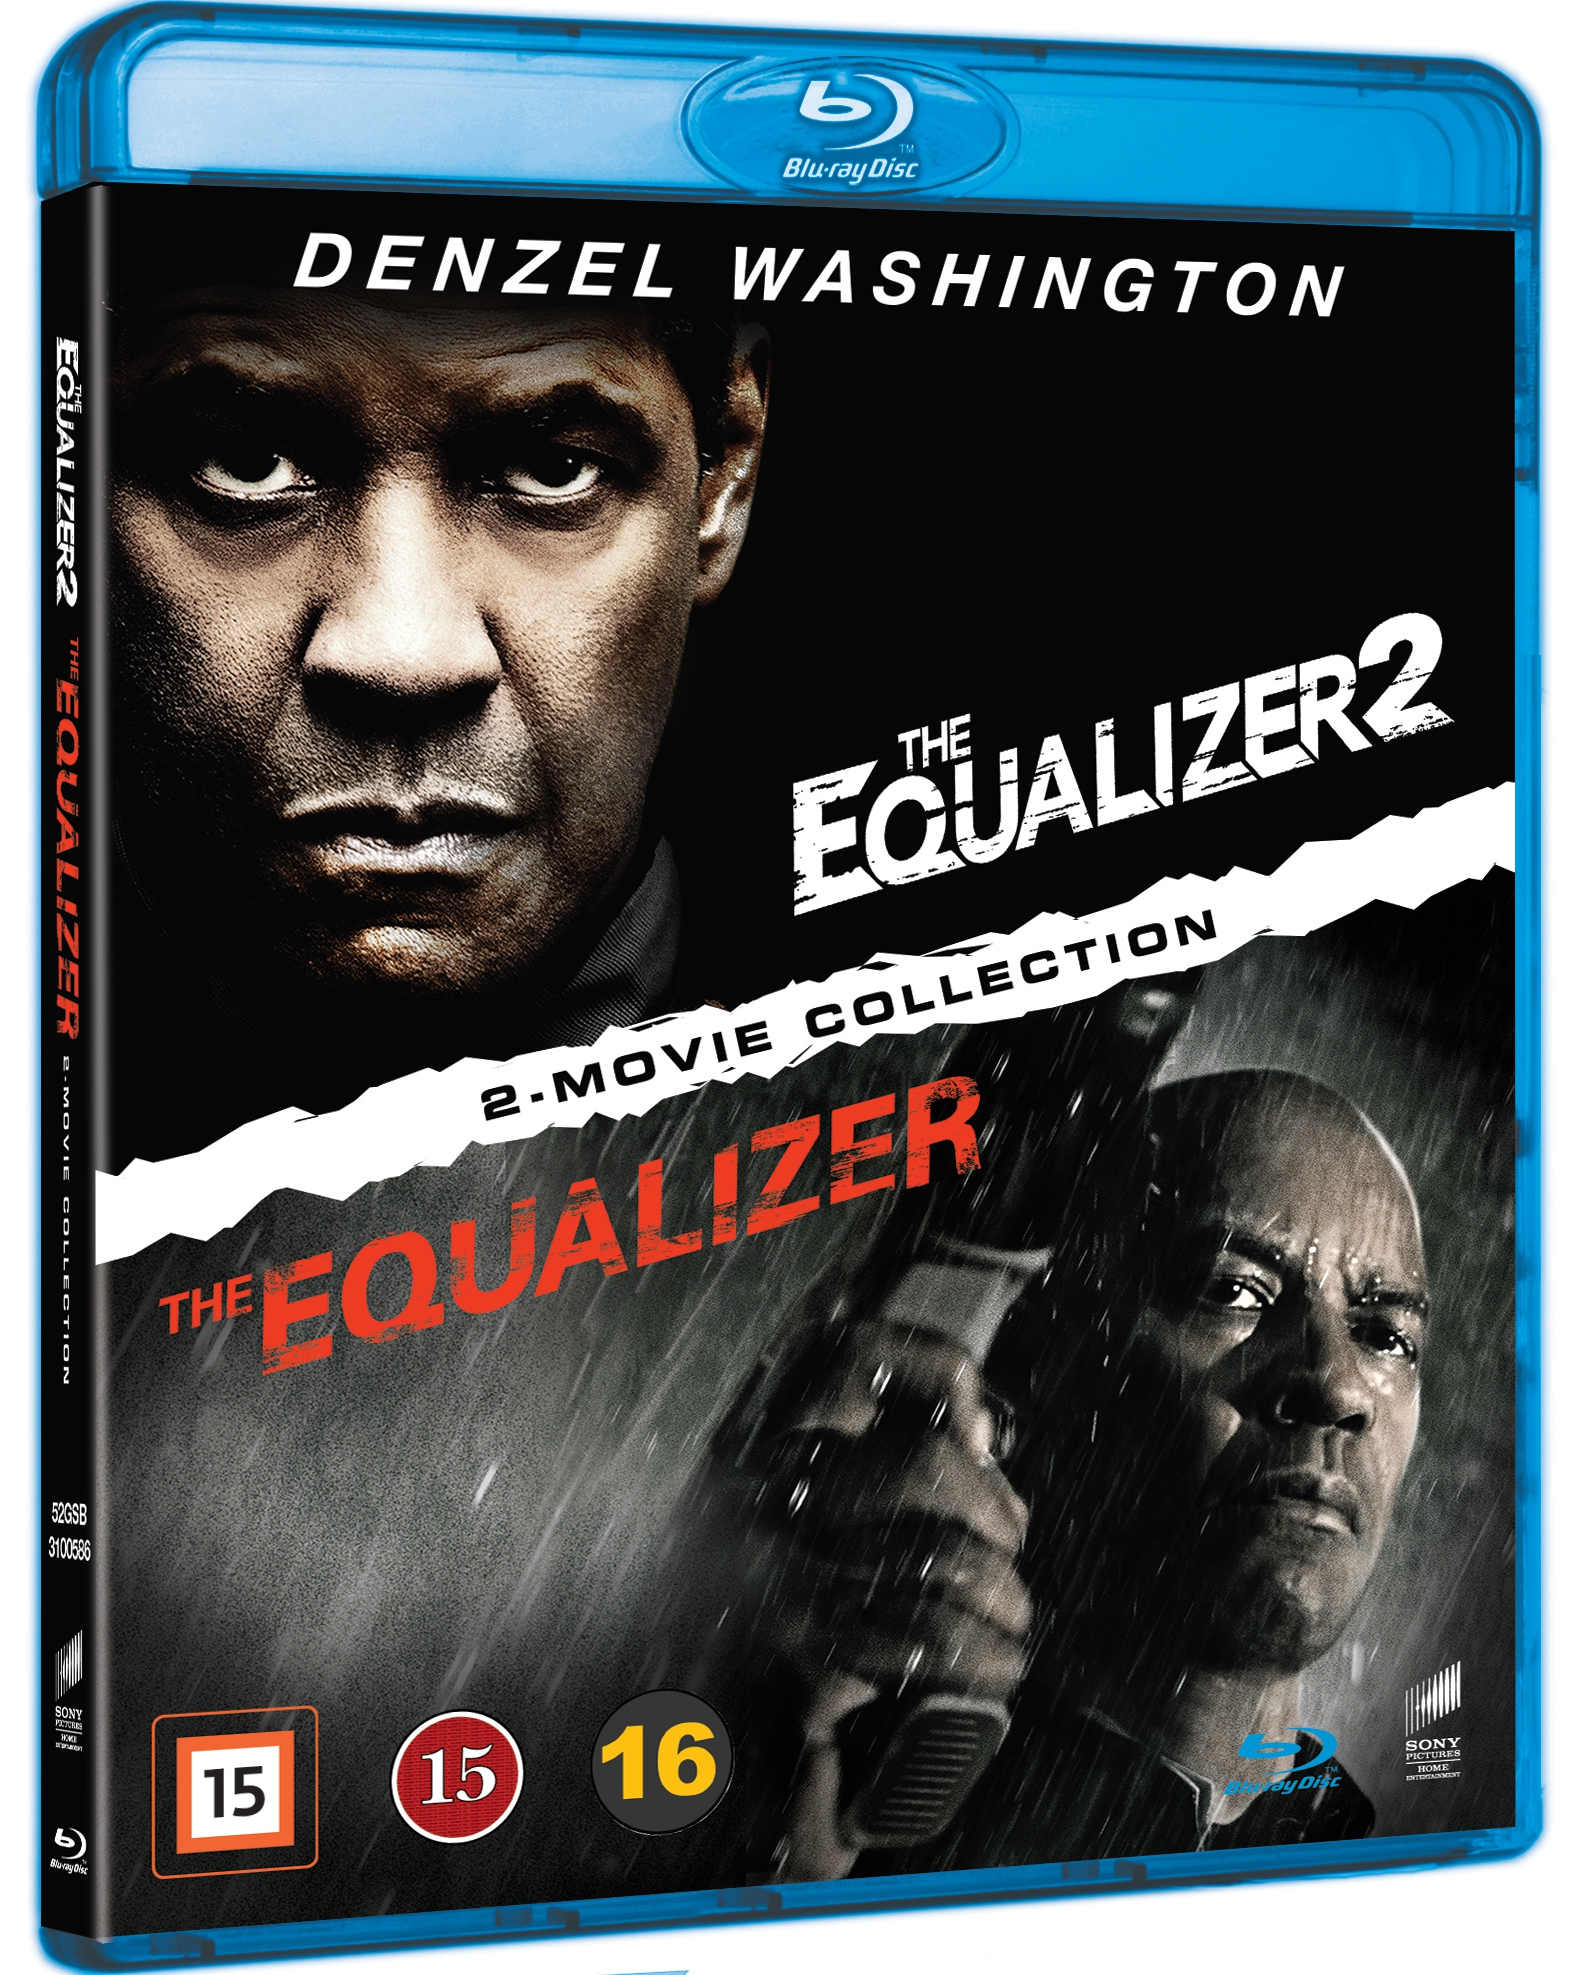 The equalizer boks 1 & 2